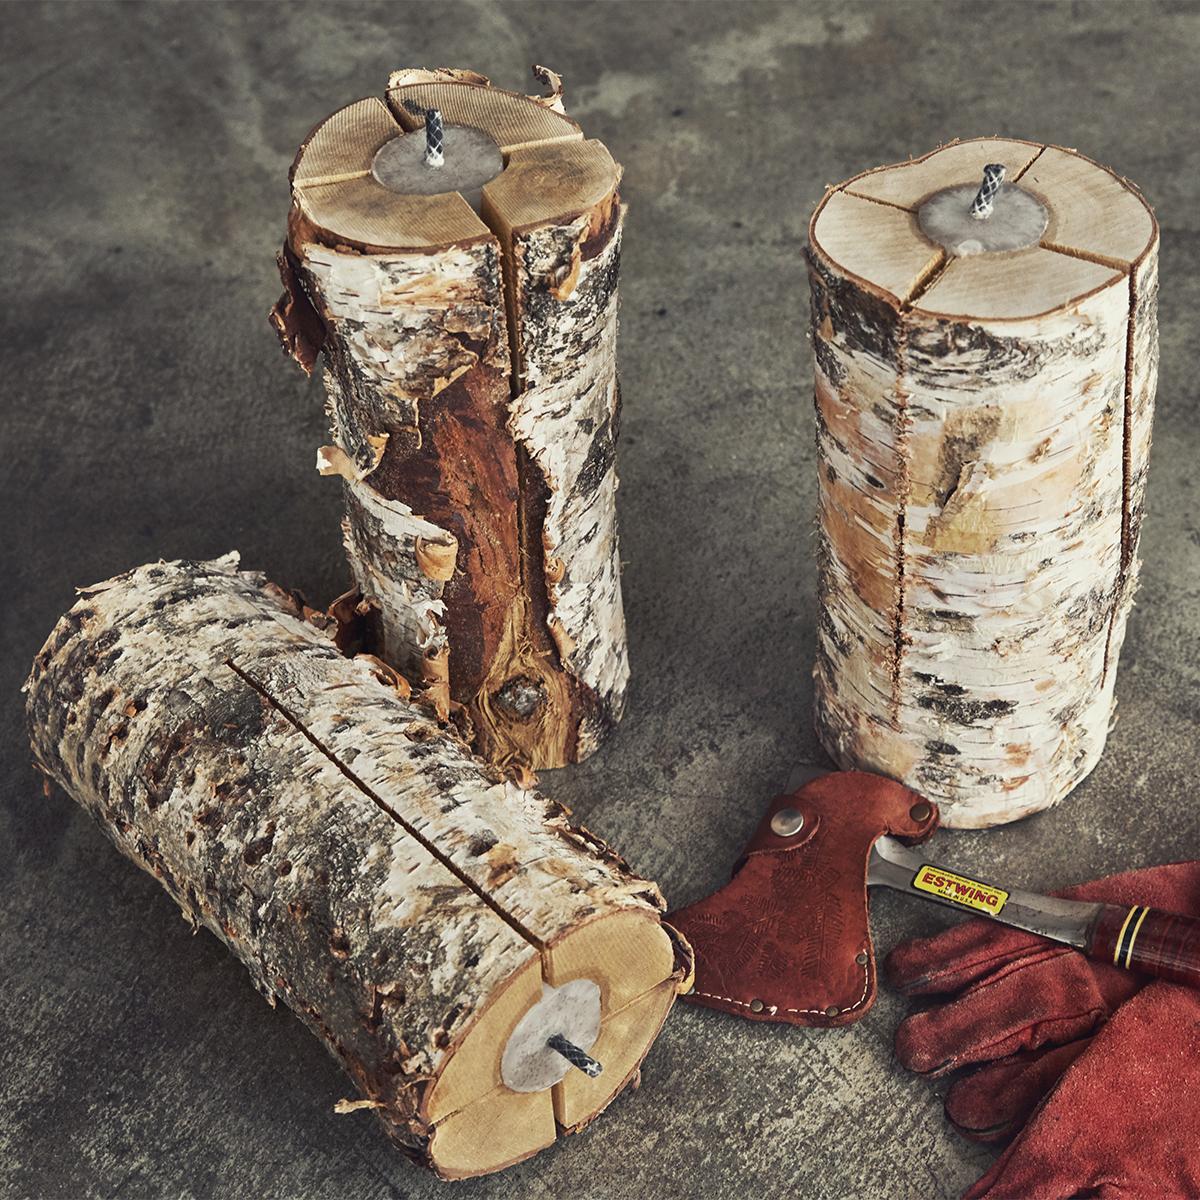 ロウソクに火を点けるような手軽さでできる焚き火。キャンドル一体型で一発着火、肉も焼ける「スウェディッシュトーチ」|Swedish Birch Candle(スウェディッシュ バーチ キャンドル)